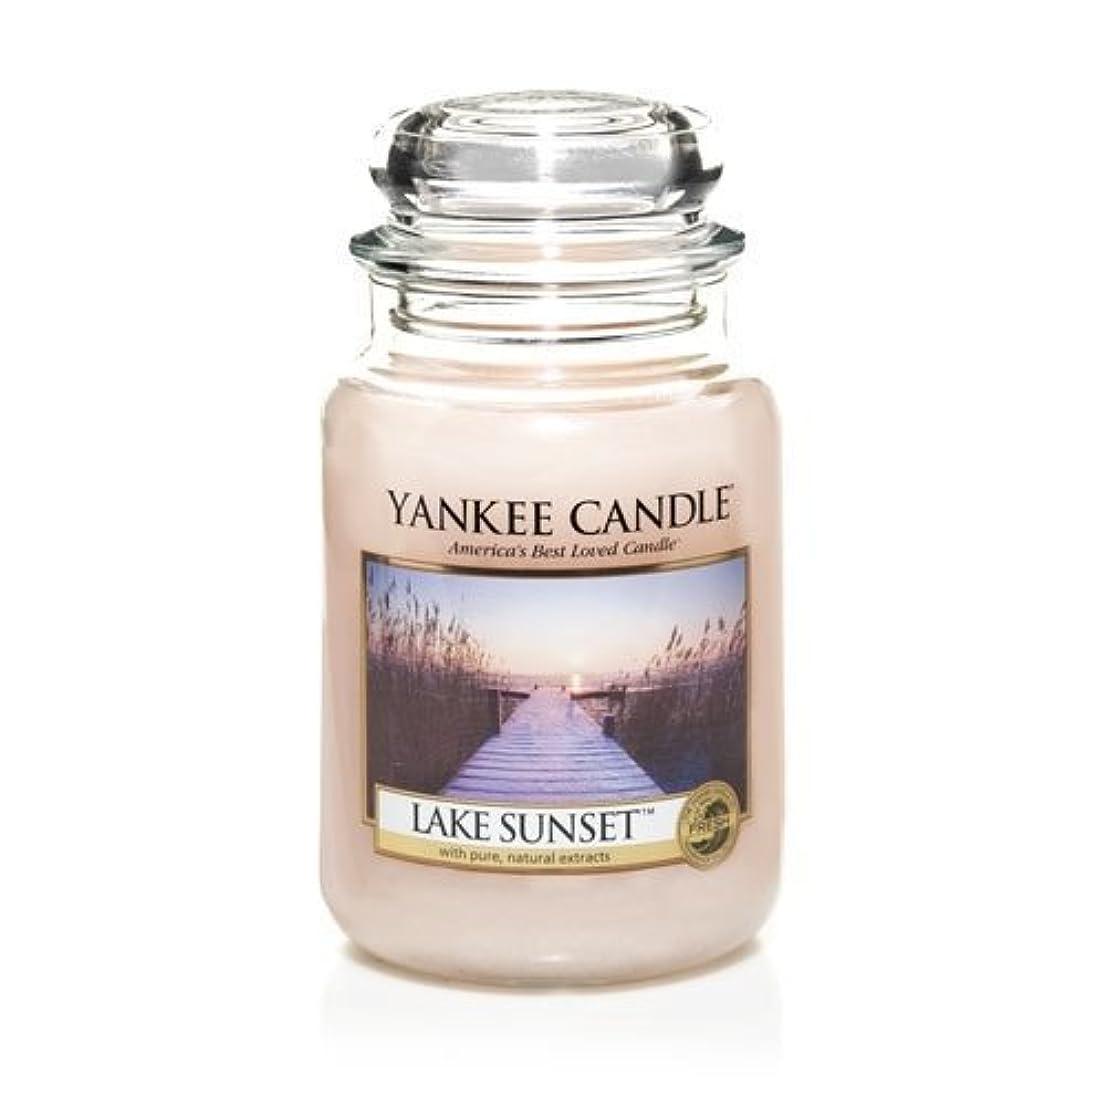 シードビジター騒乱Yankee Candle LAKE SUNSET 22 oz Large Jar Candle - New for Fall 2013 by Yankee Candle [並行輸入品]